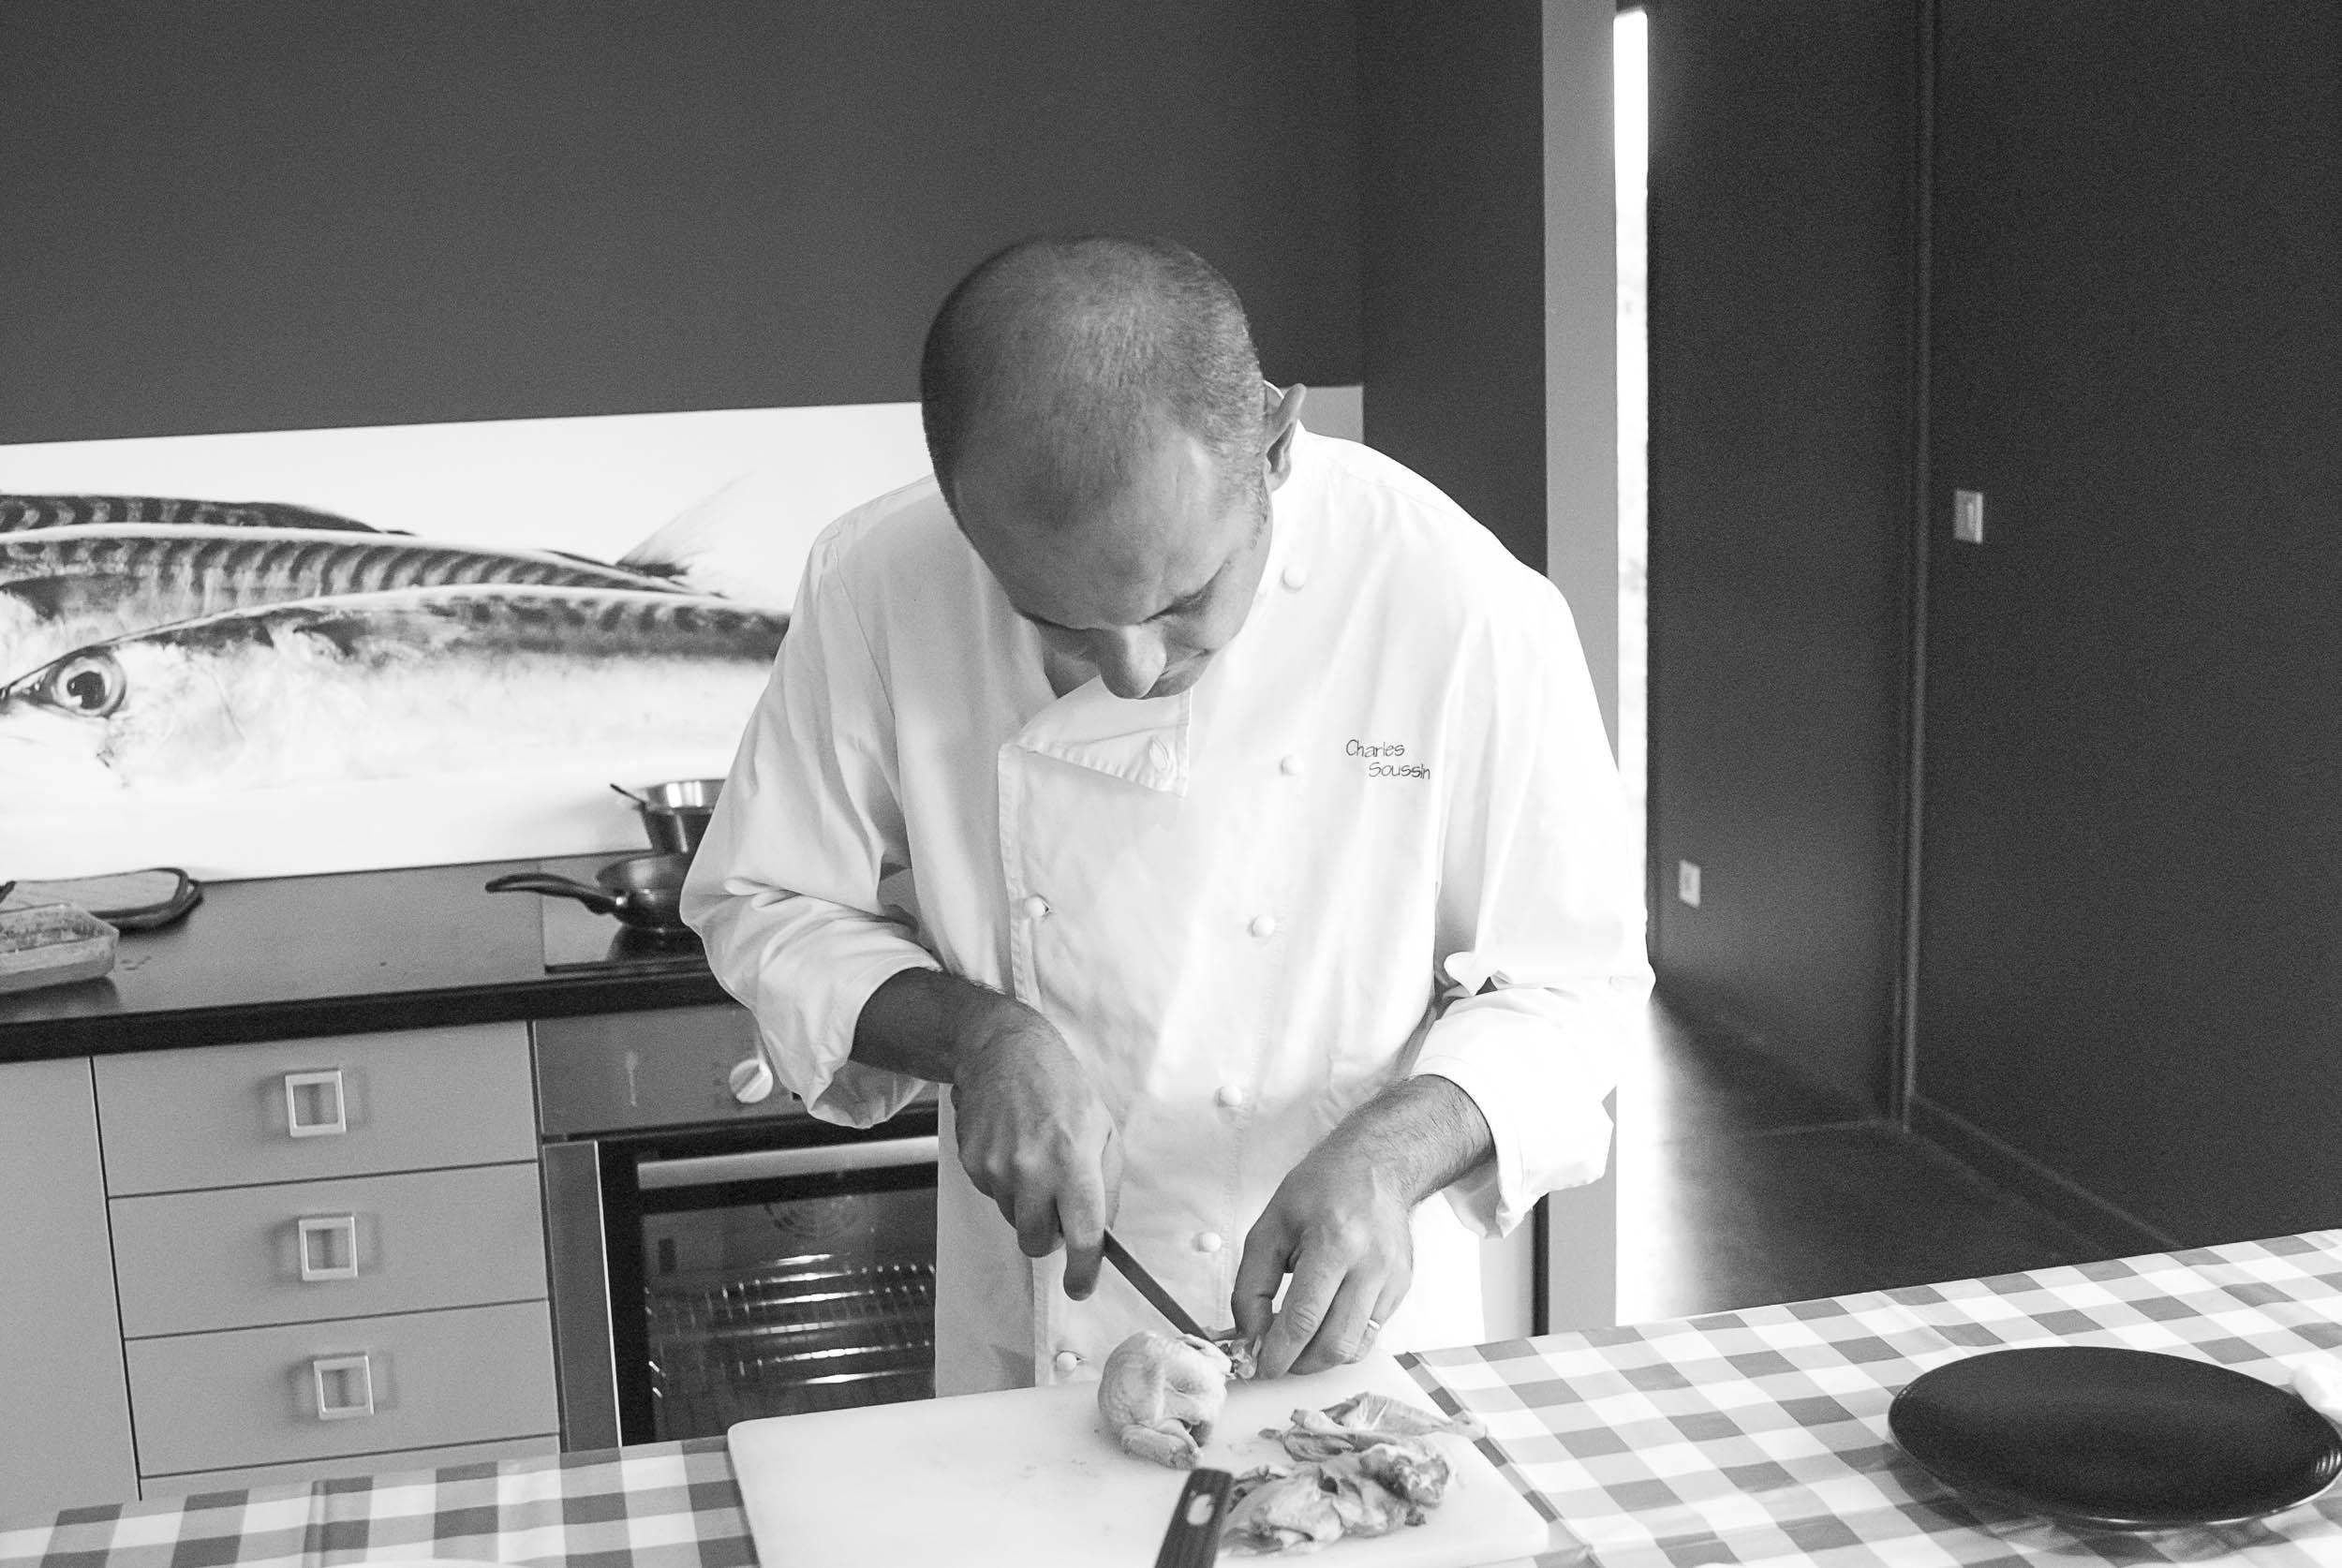 prise de vue culinaire, Charle Soussin cuisinier au studio de prise de vue